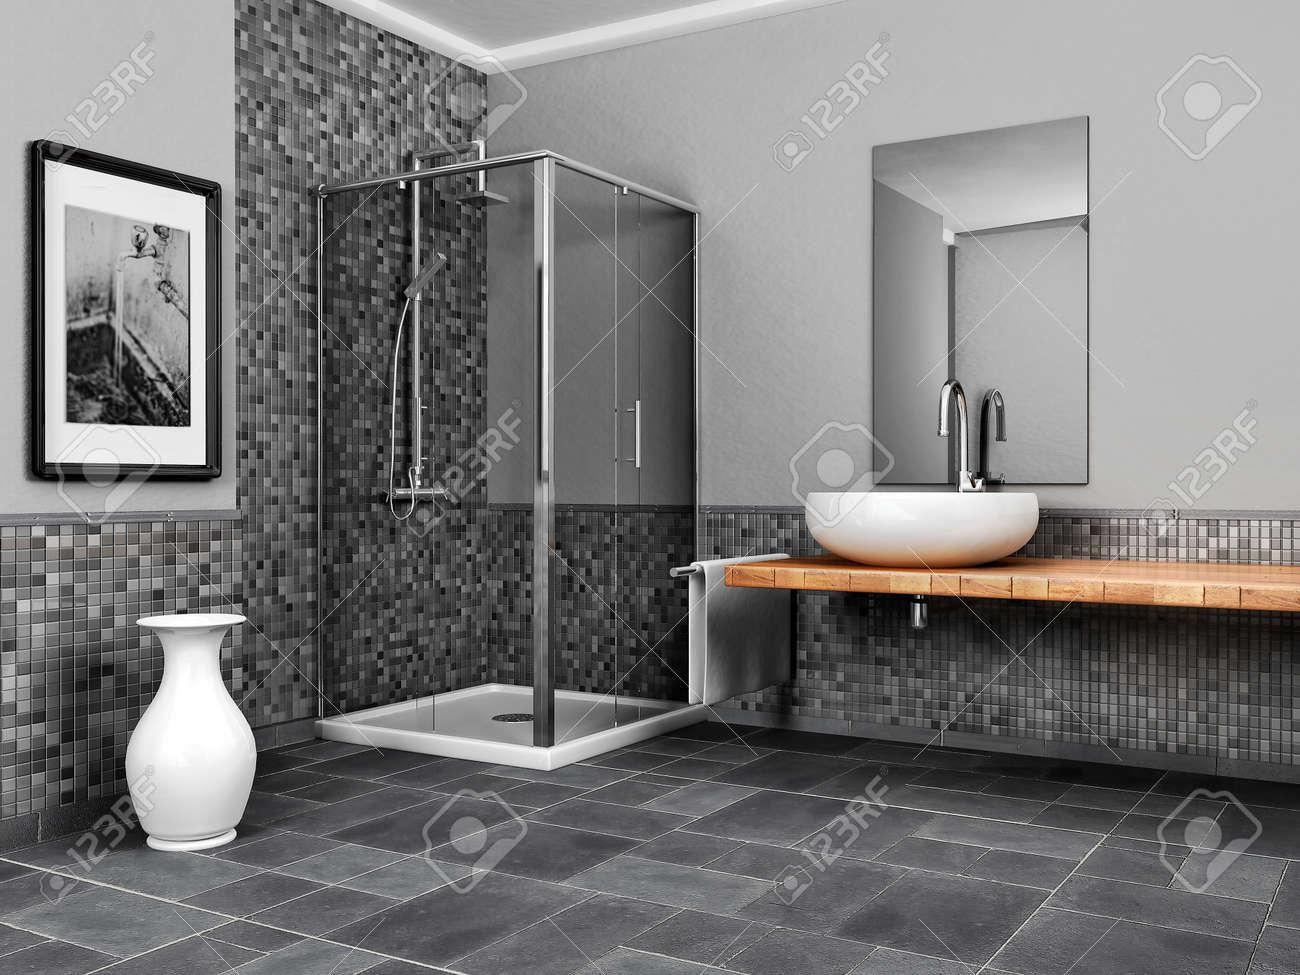 Foto Bagni Moderni Con Mosaico. Mosaico Bagno Idee Per Rivestire Con ...